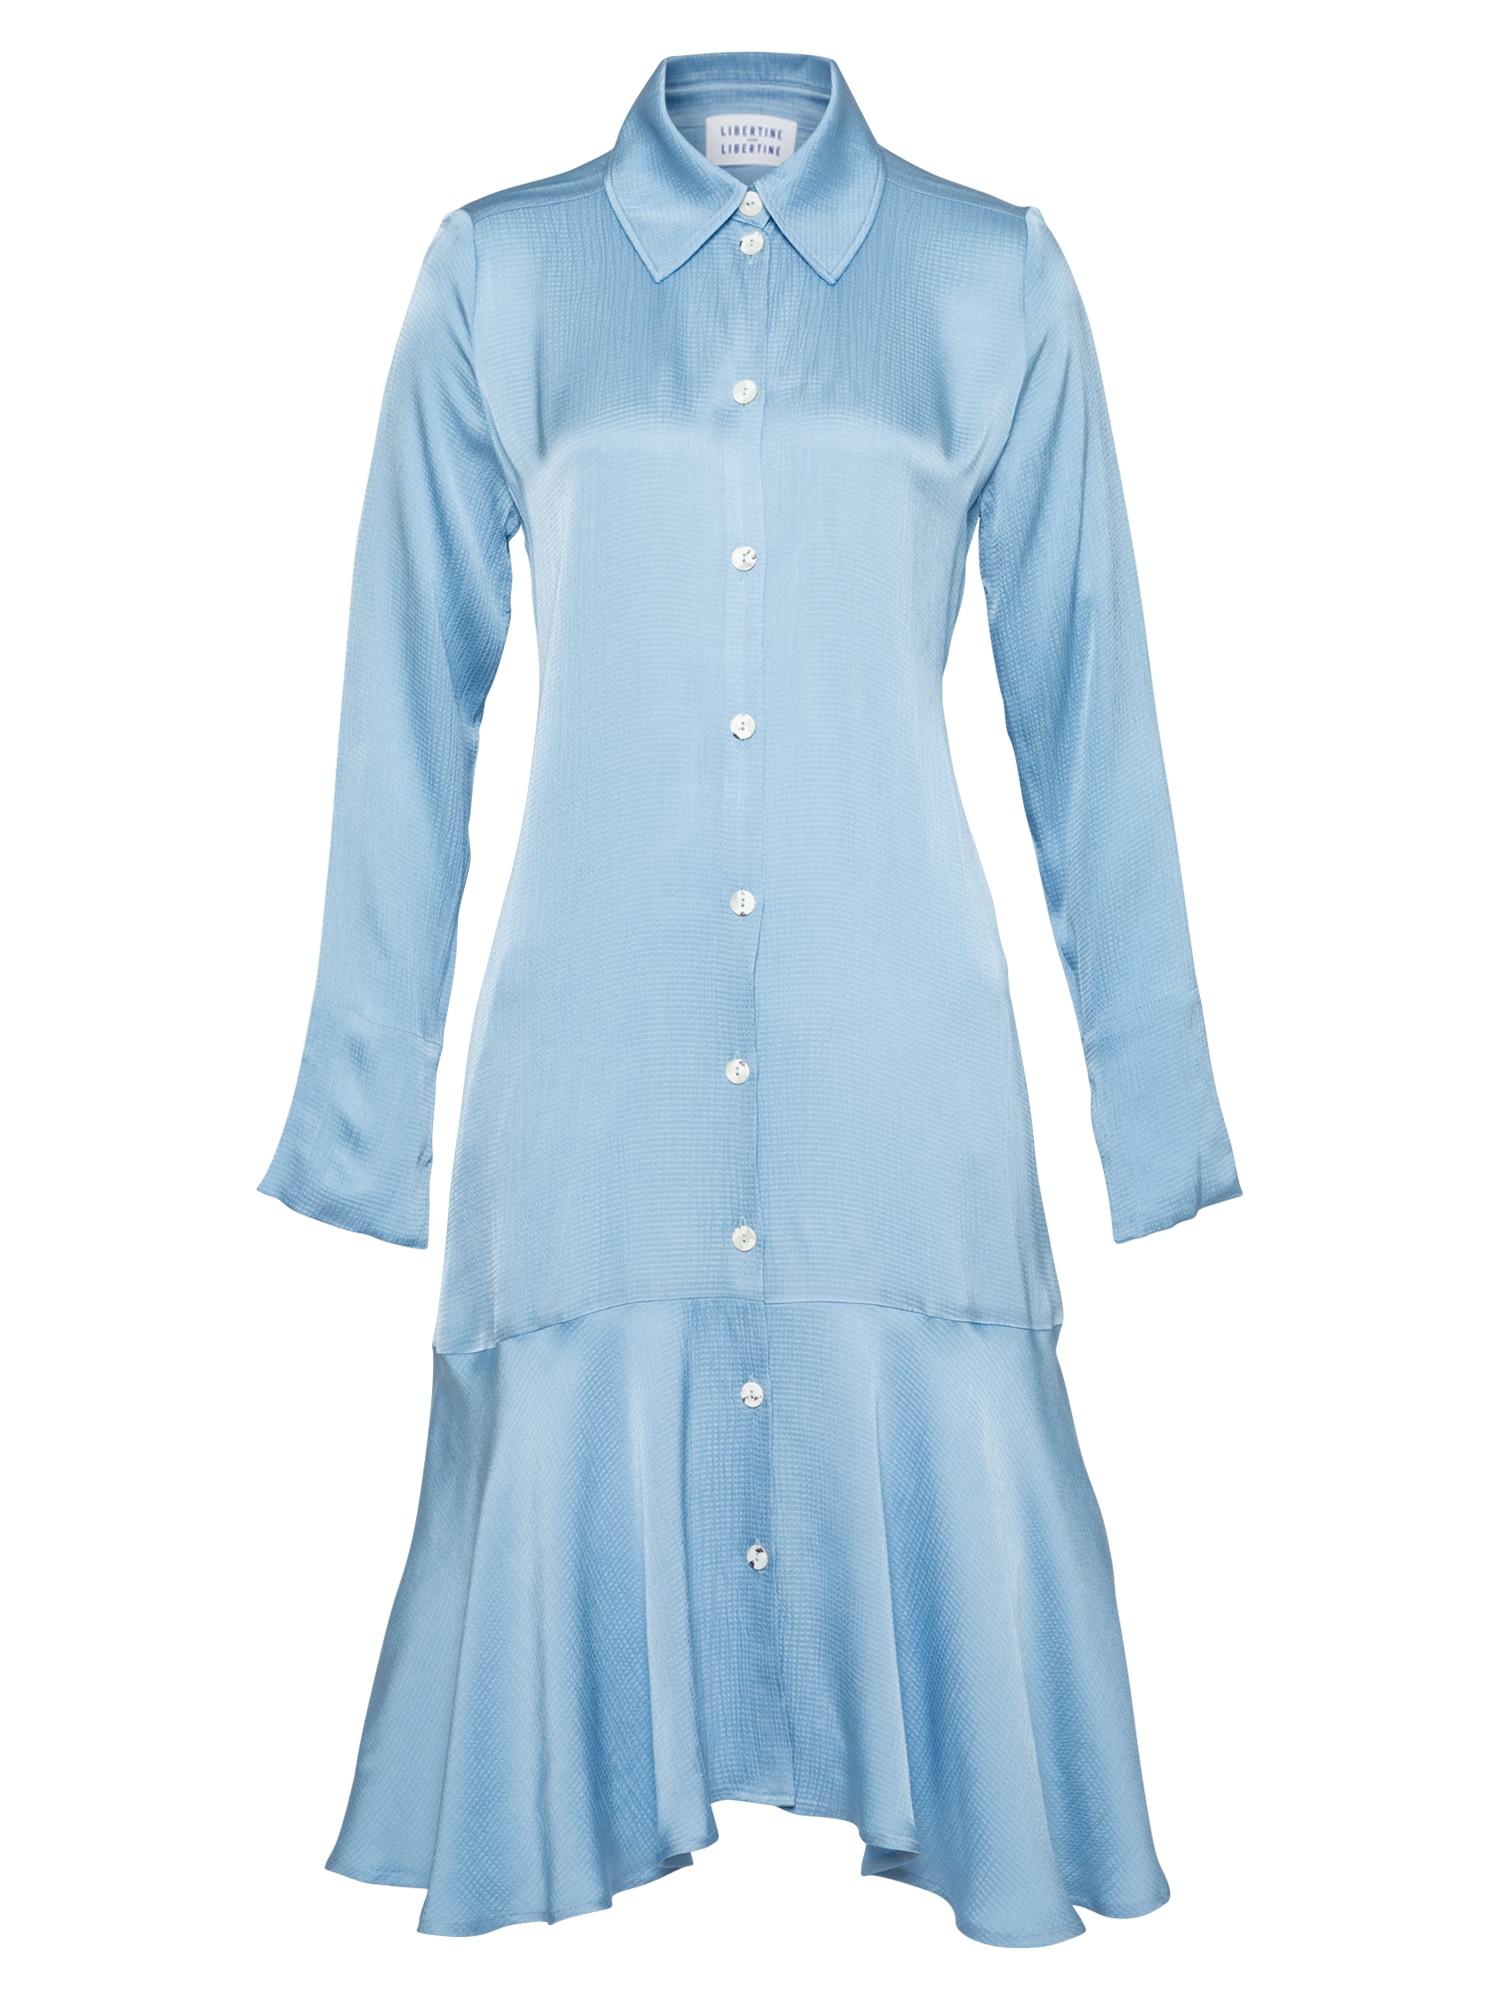 Libertine-Libertine Palaidinės tipo suknelė